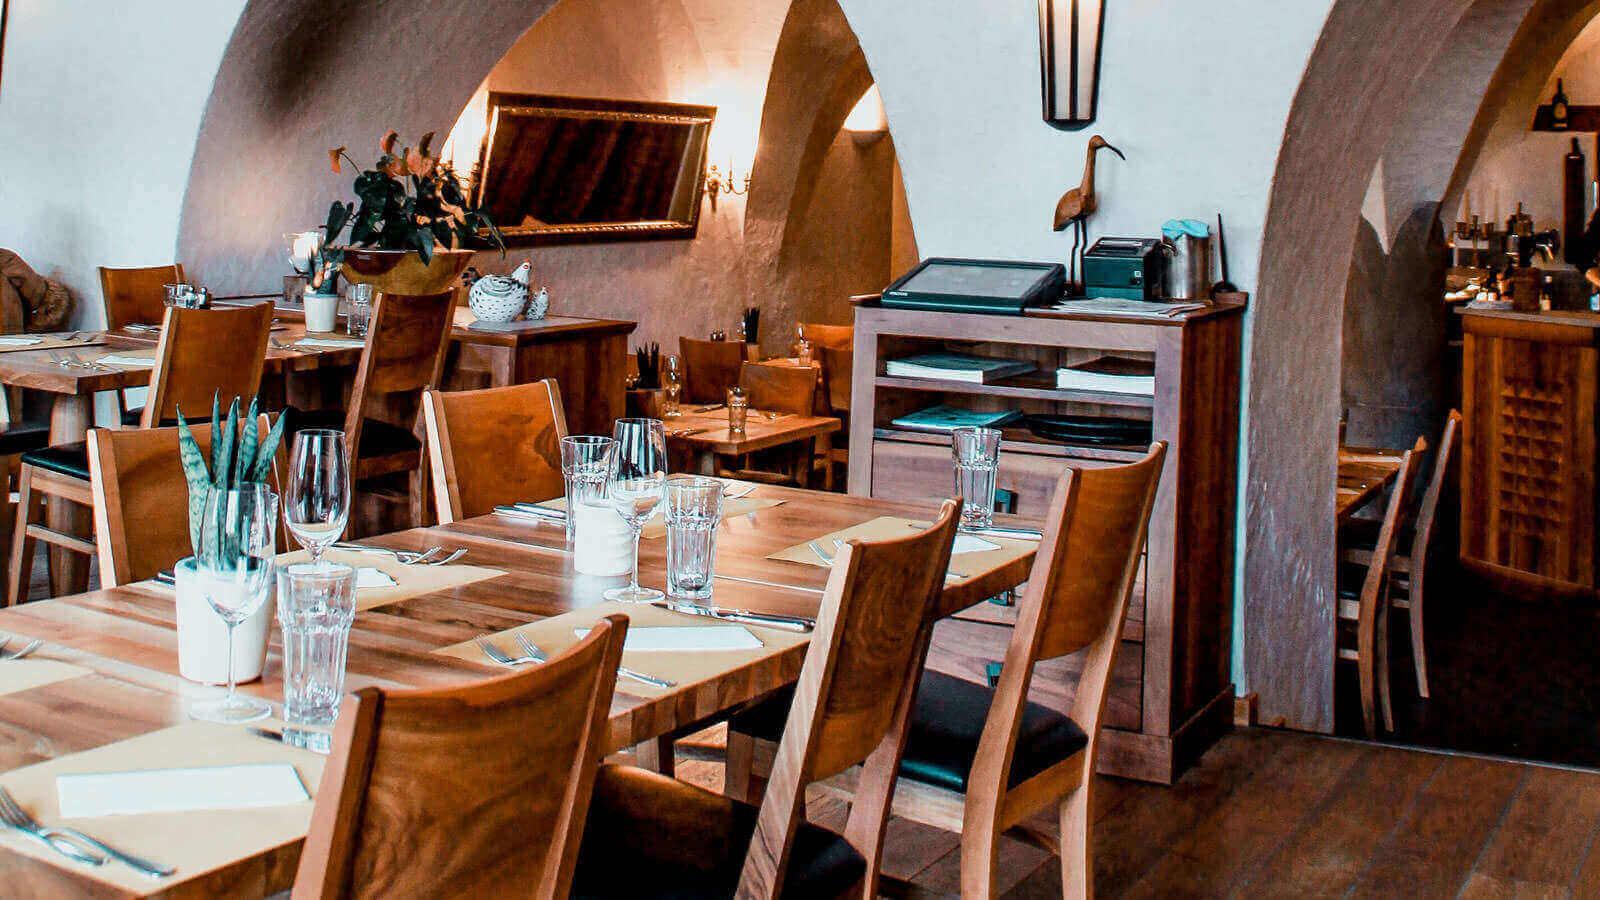 En iyi Türk restoranları